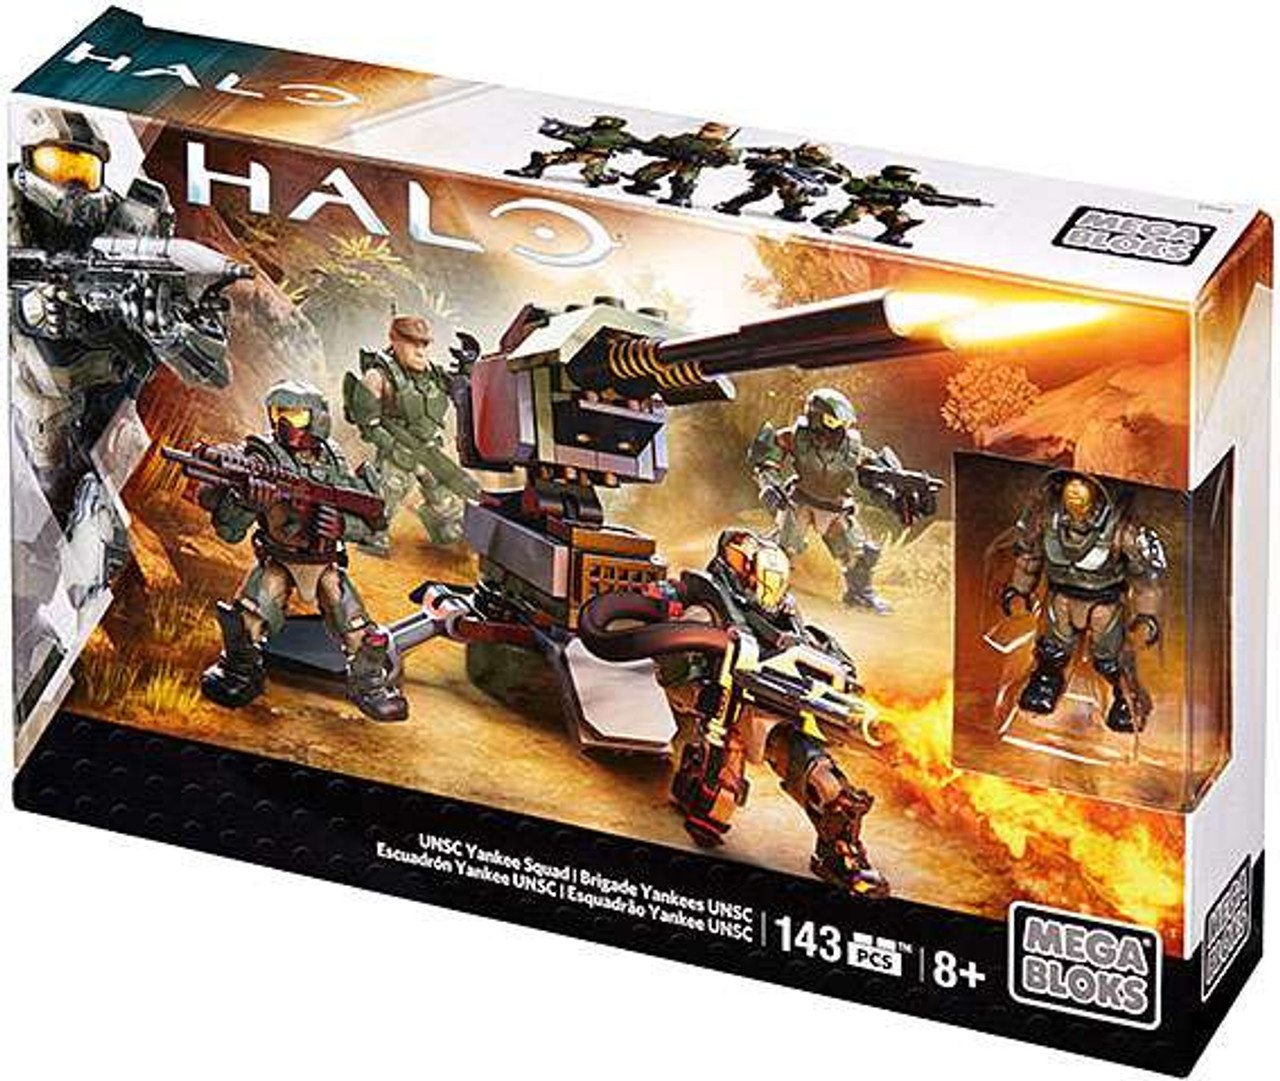 Mega Bloks Halo Covenant Brute Lance Set [UNSC Yankee Squad]